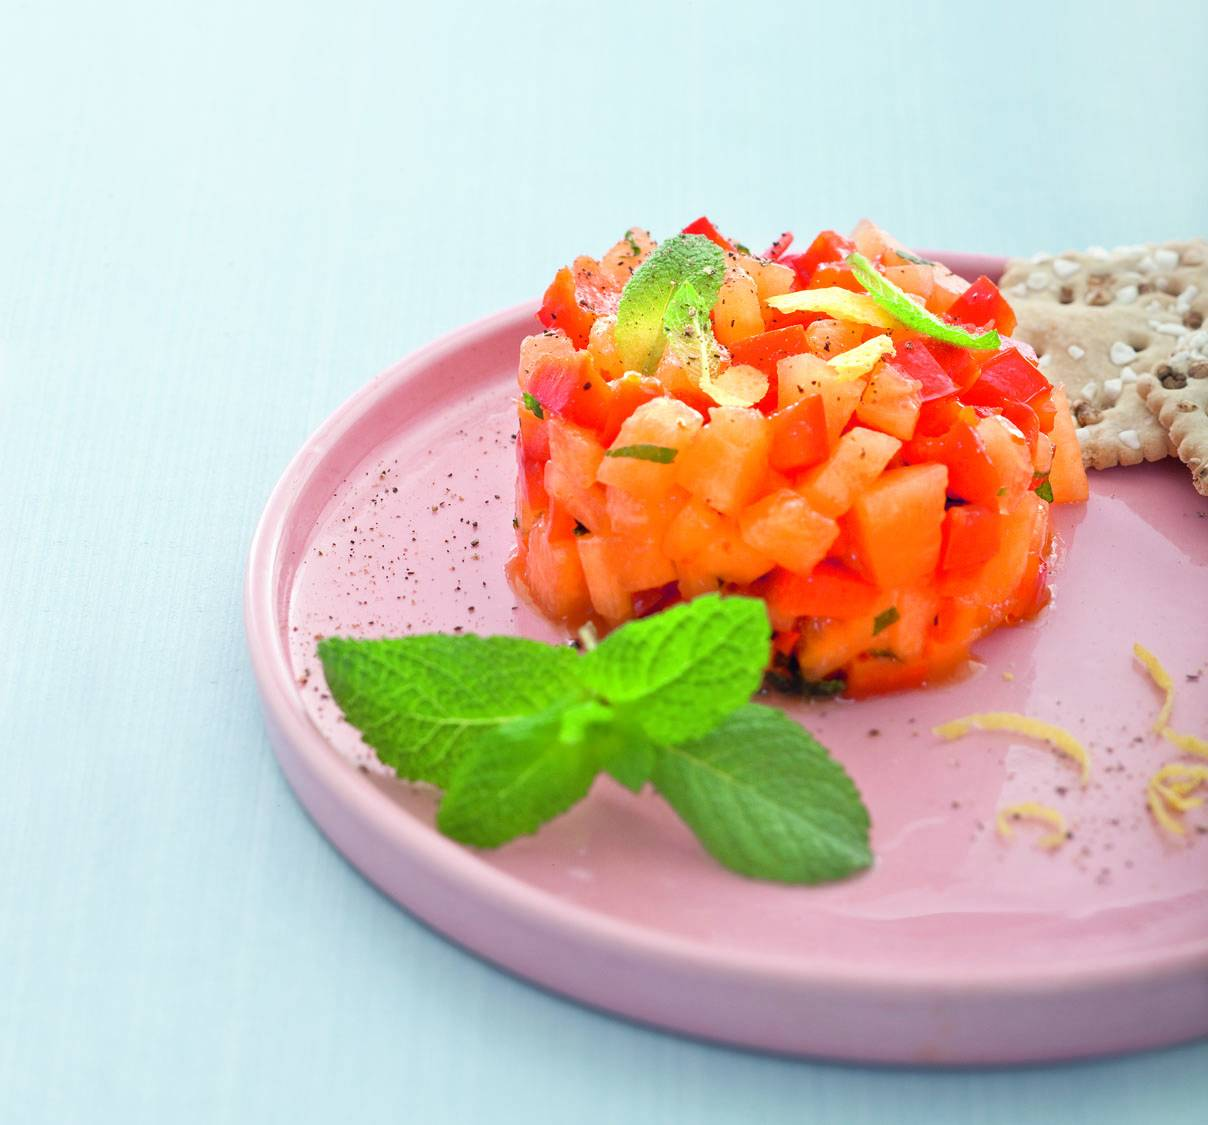 Antipasto Di Melone E Peperoni Alla Menta Cucina Naturale #C55206 1208 1125 Programma Per Creare Ricette Di Cucina